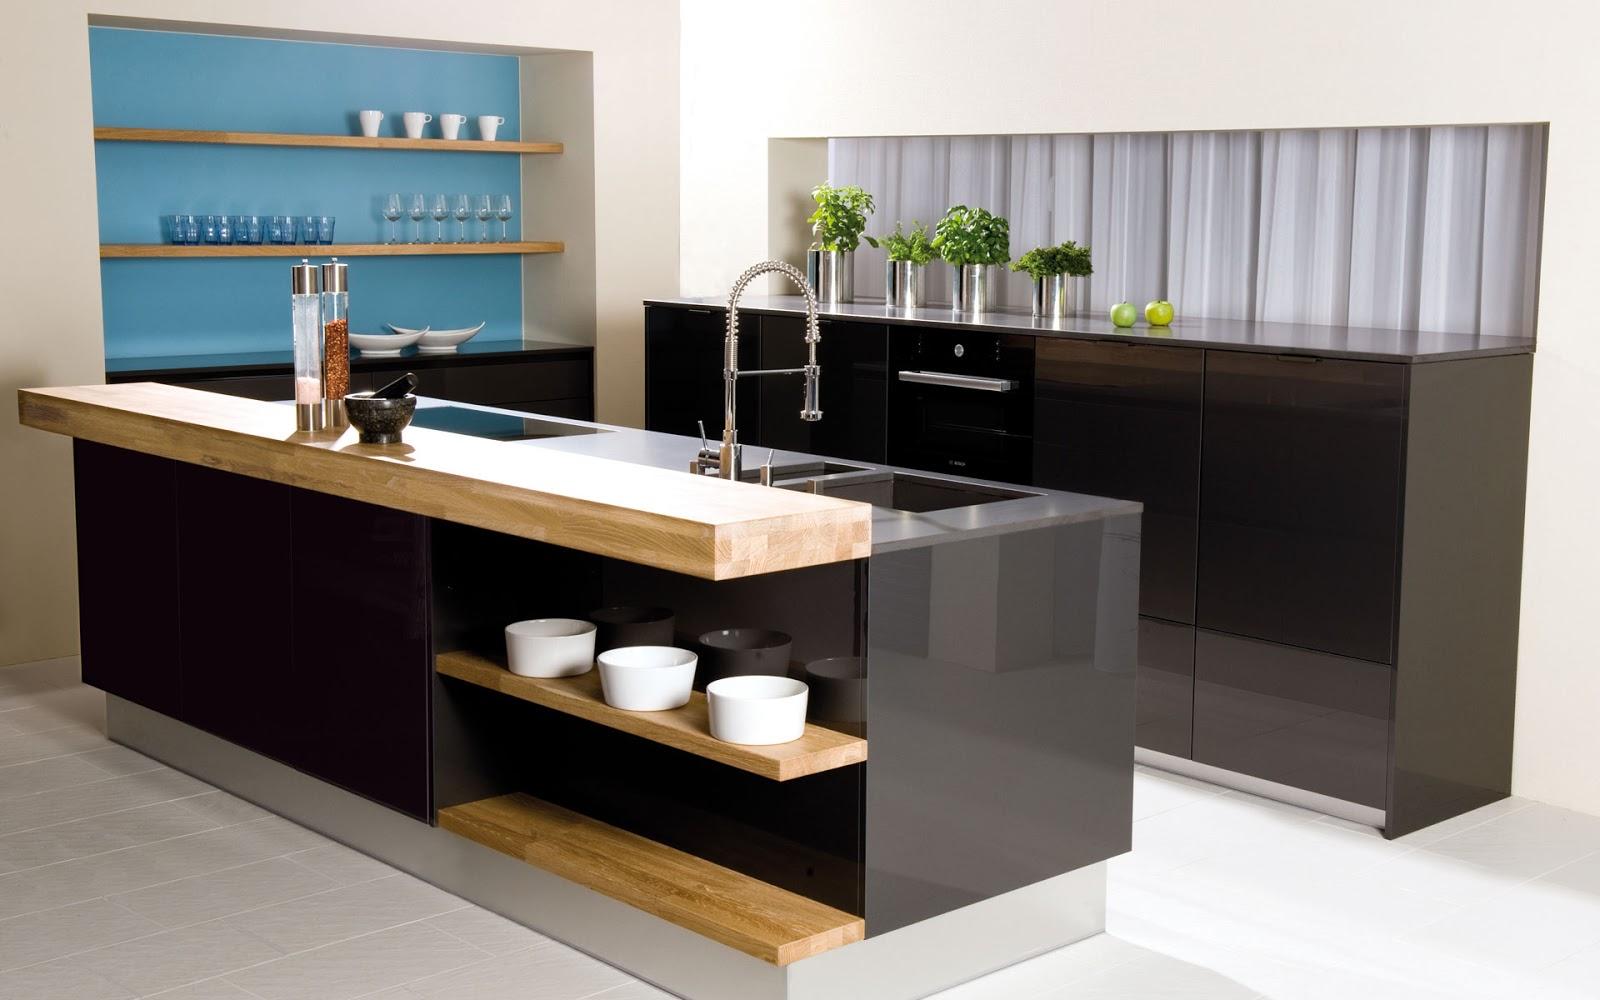 30 ideas de mesas y barras para comer en la cocina for Material cocina